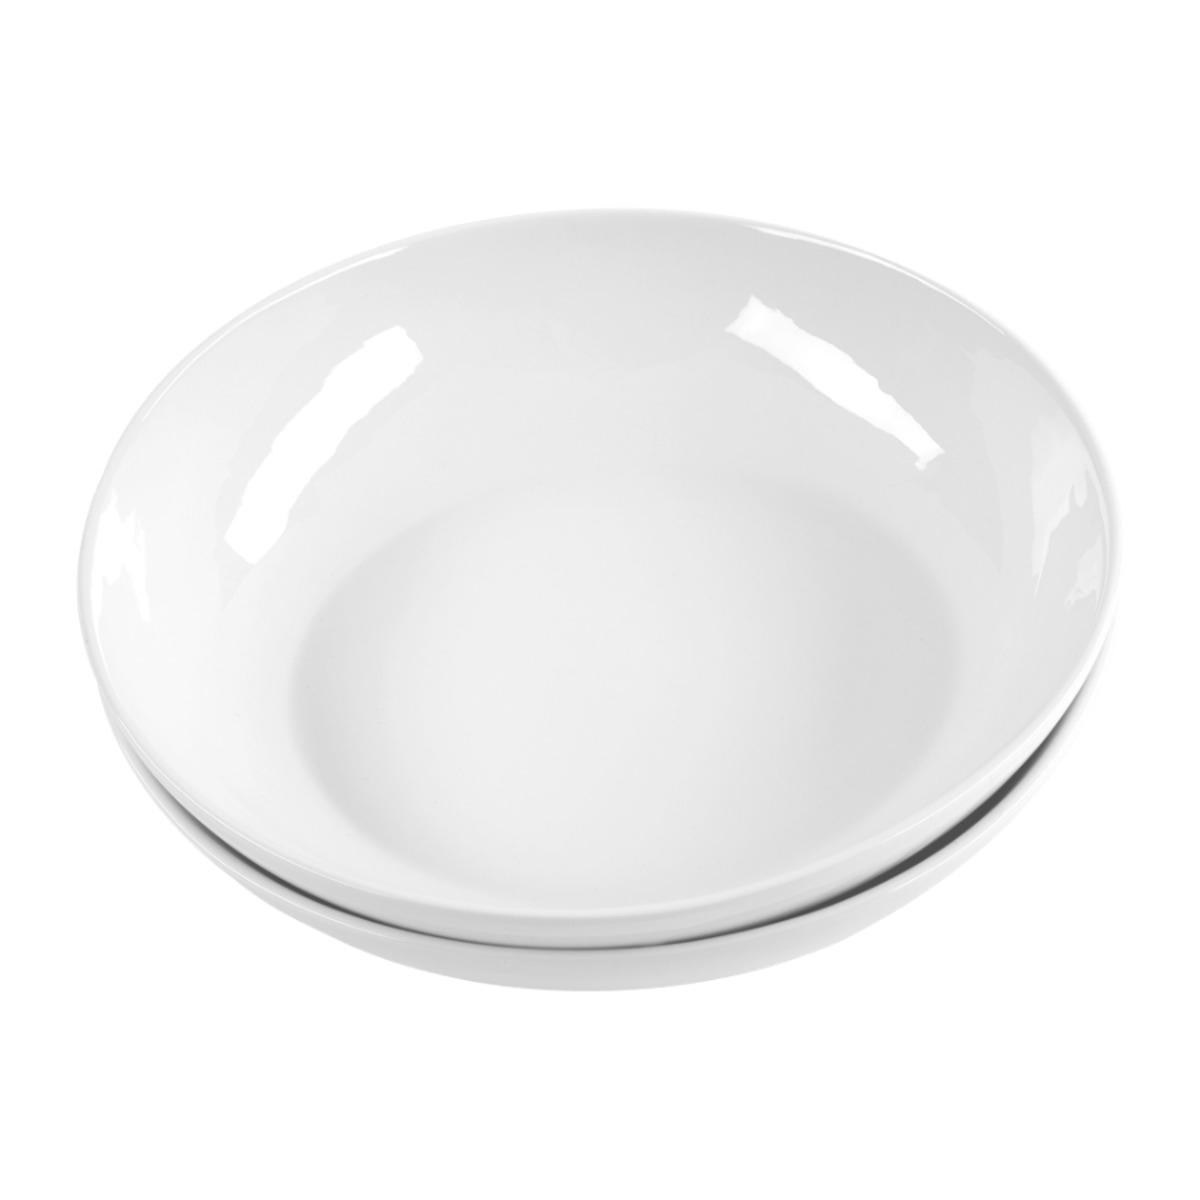 Bild 3 von HOME CREATION     Pasta- / Salatteller